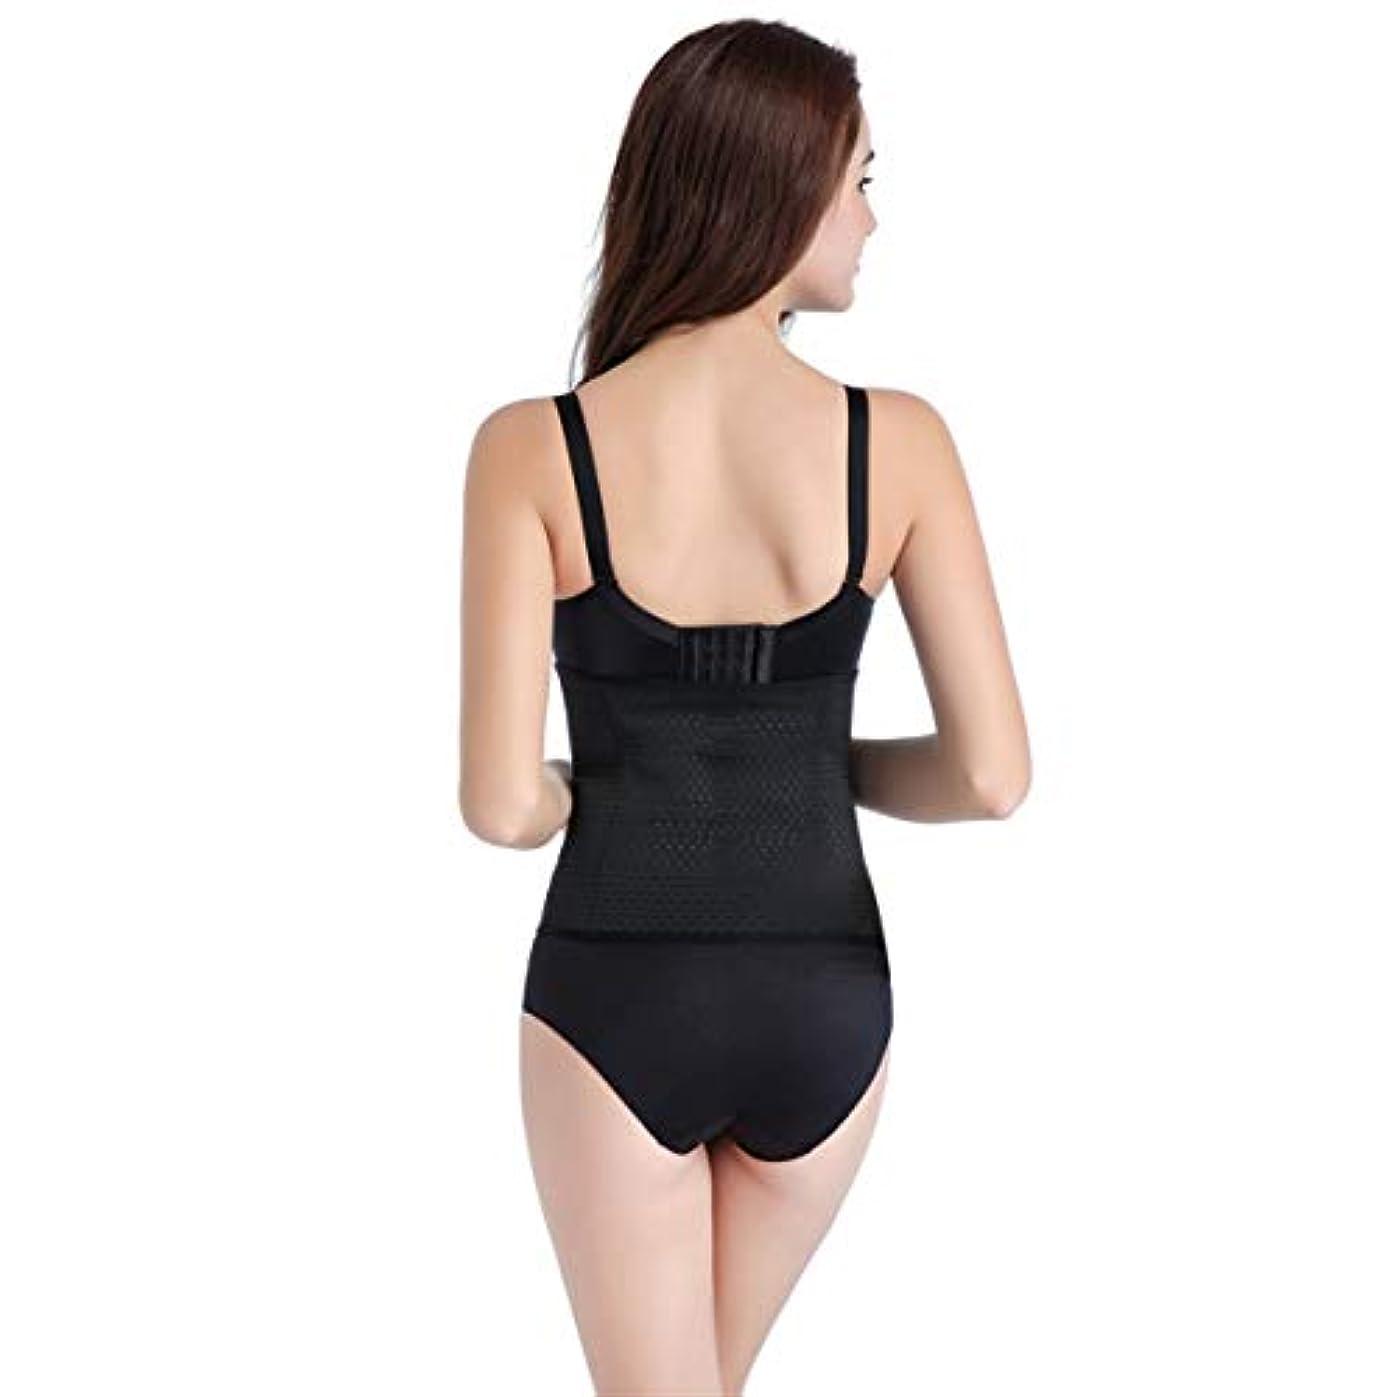 隣接酔った自然公園Body Beauty Trainer Hollow Out Postpartum Abdomen Slimming Belly Body Shaper Breathable Sweet Sweat Corset Waist Band